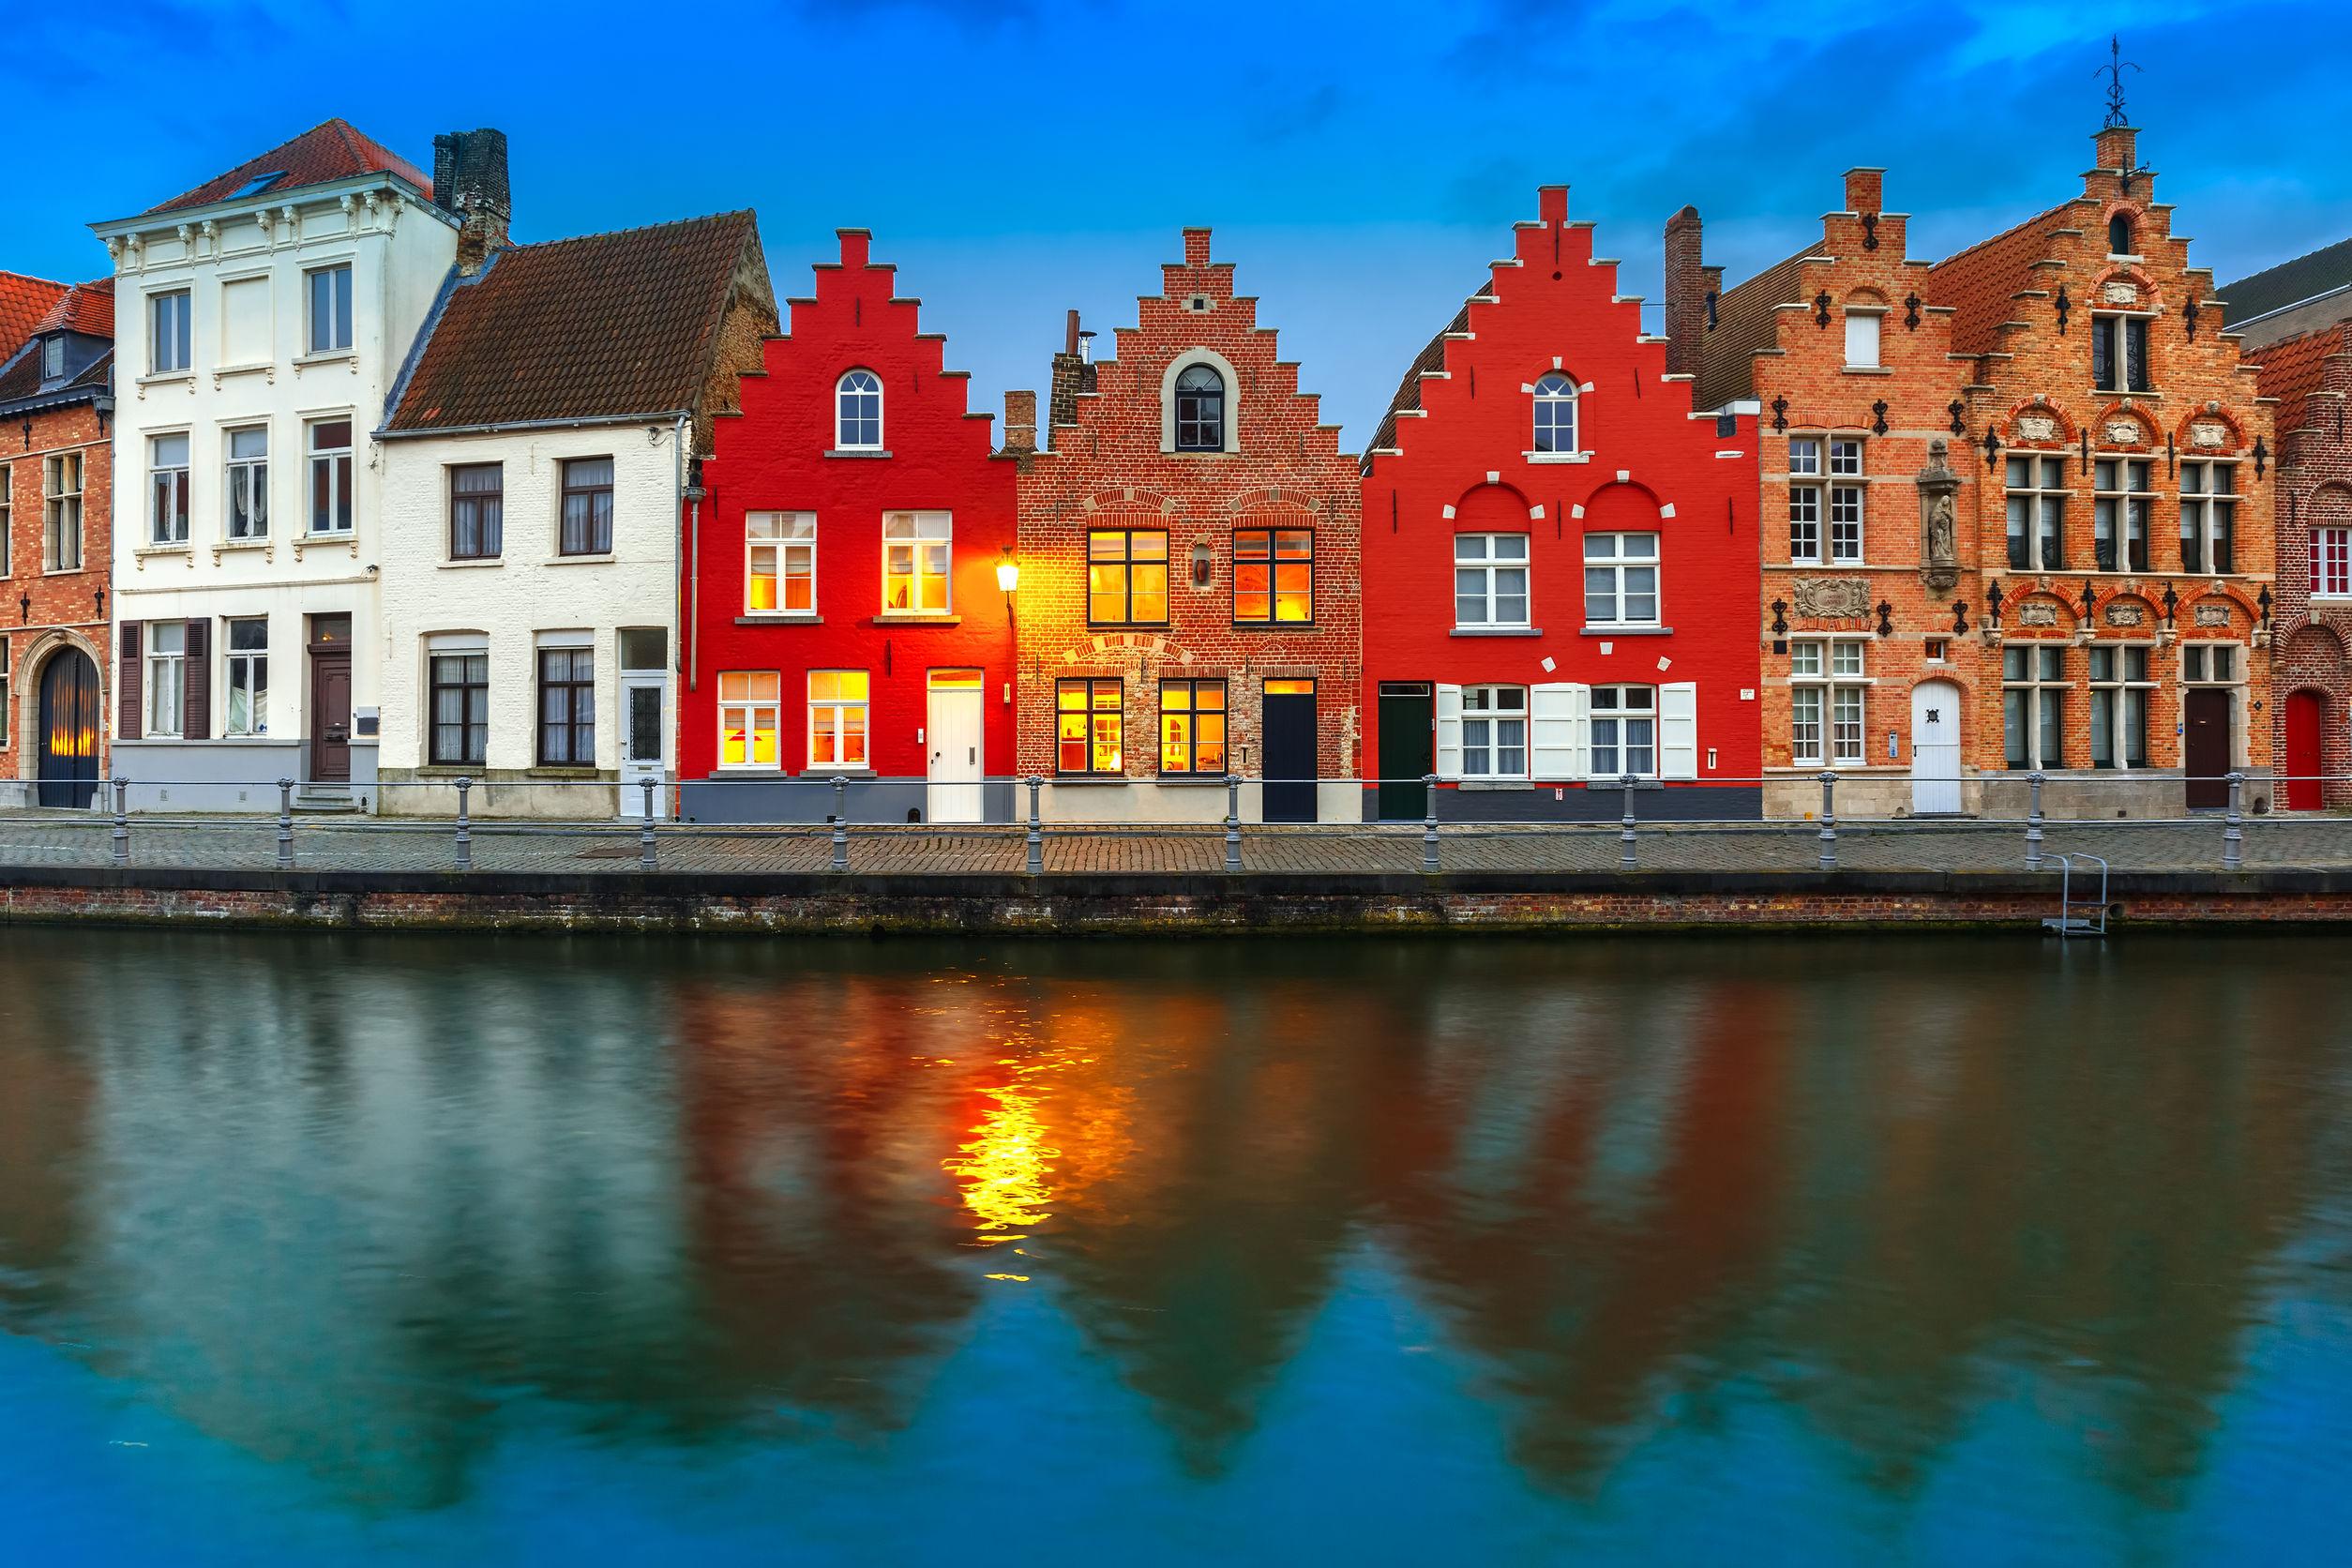 المنازل التقليدية بروج بلجيكا